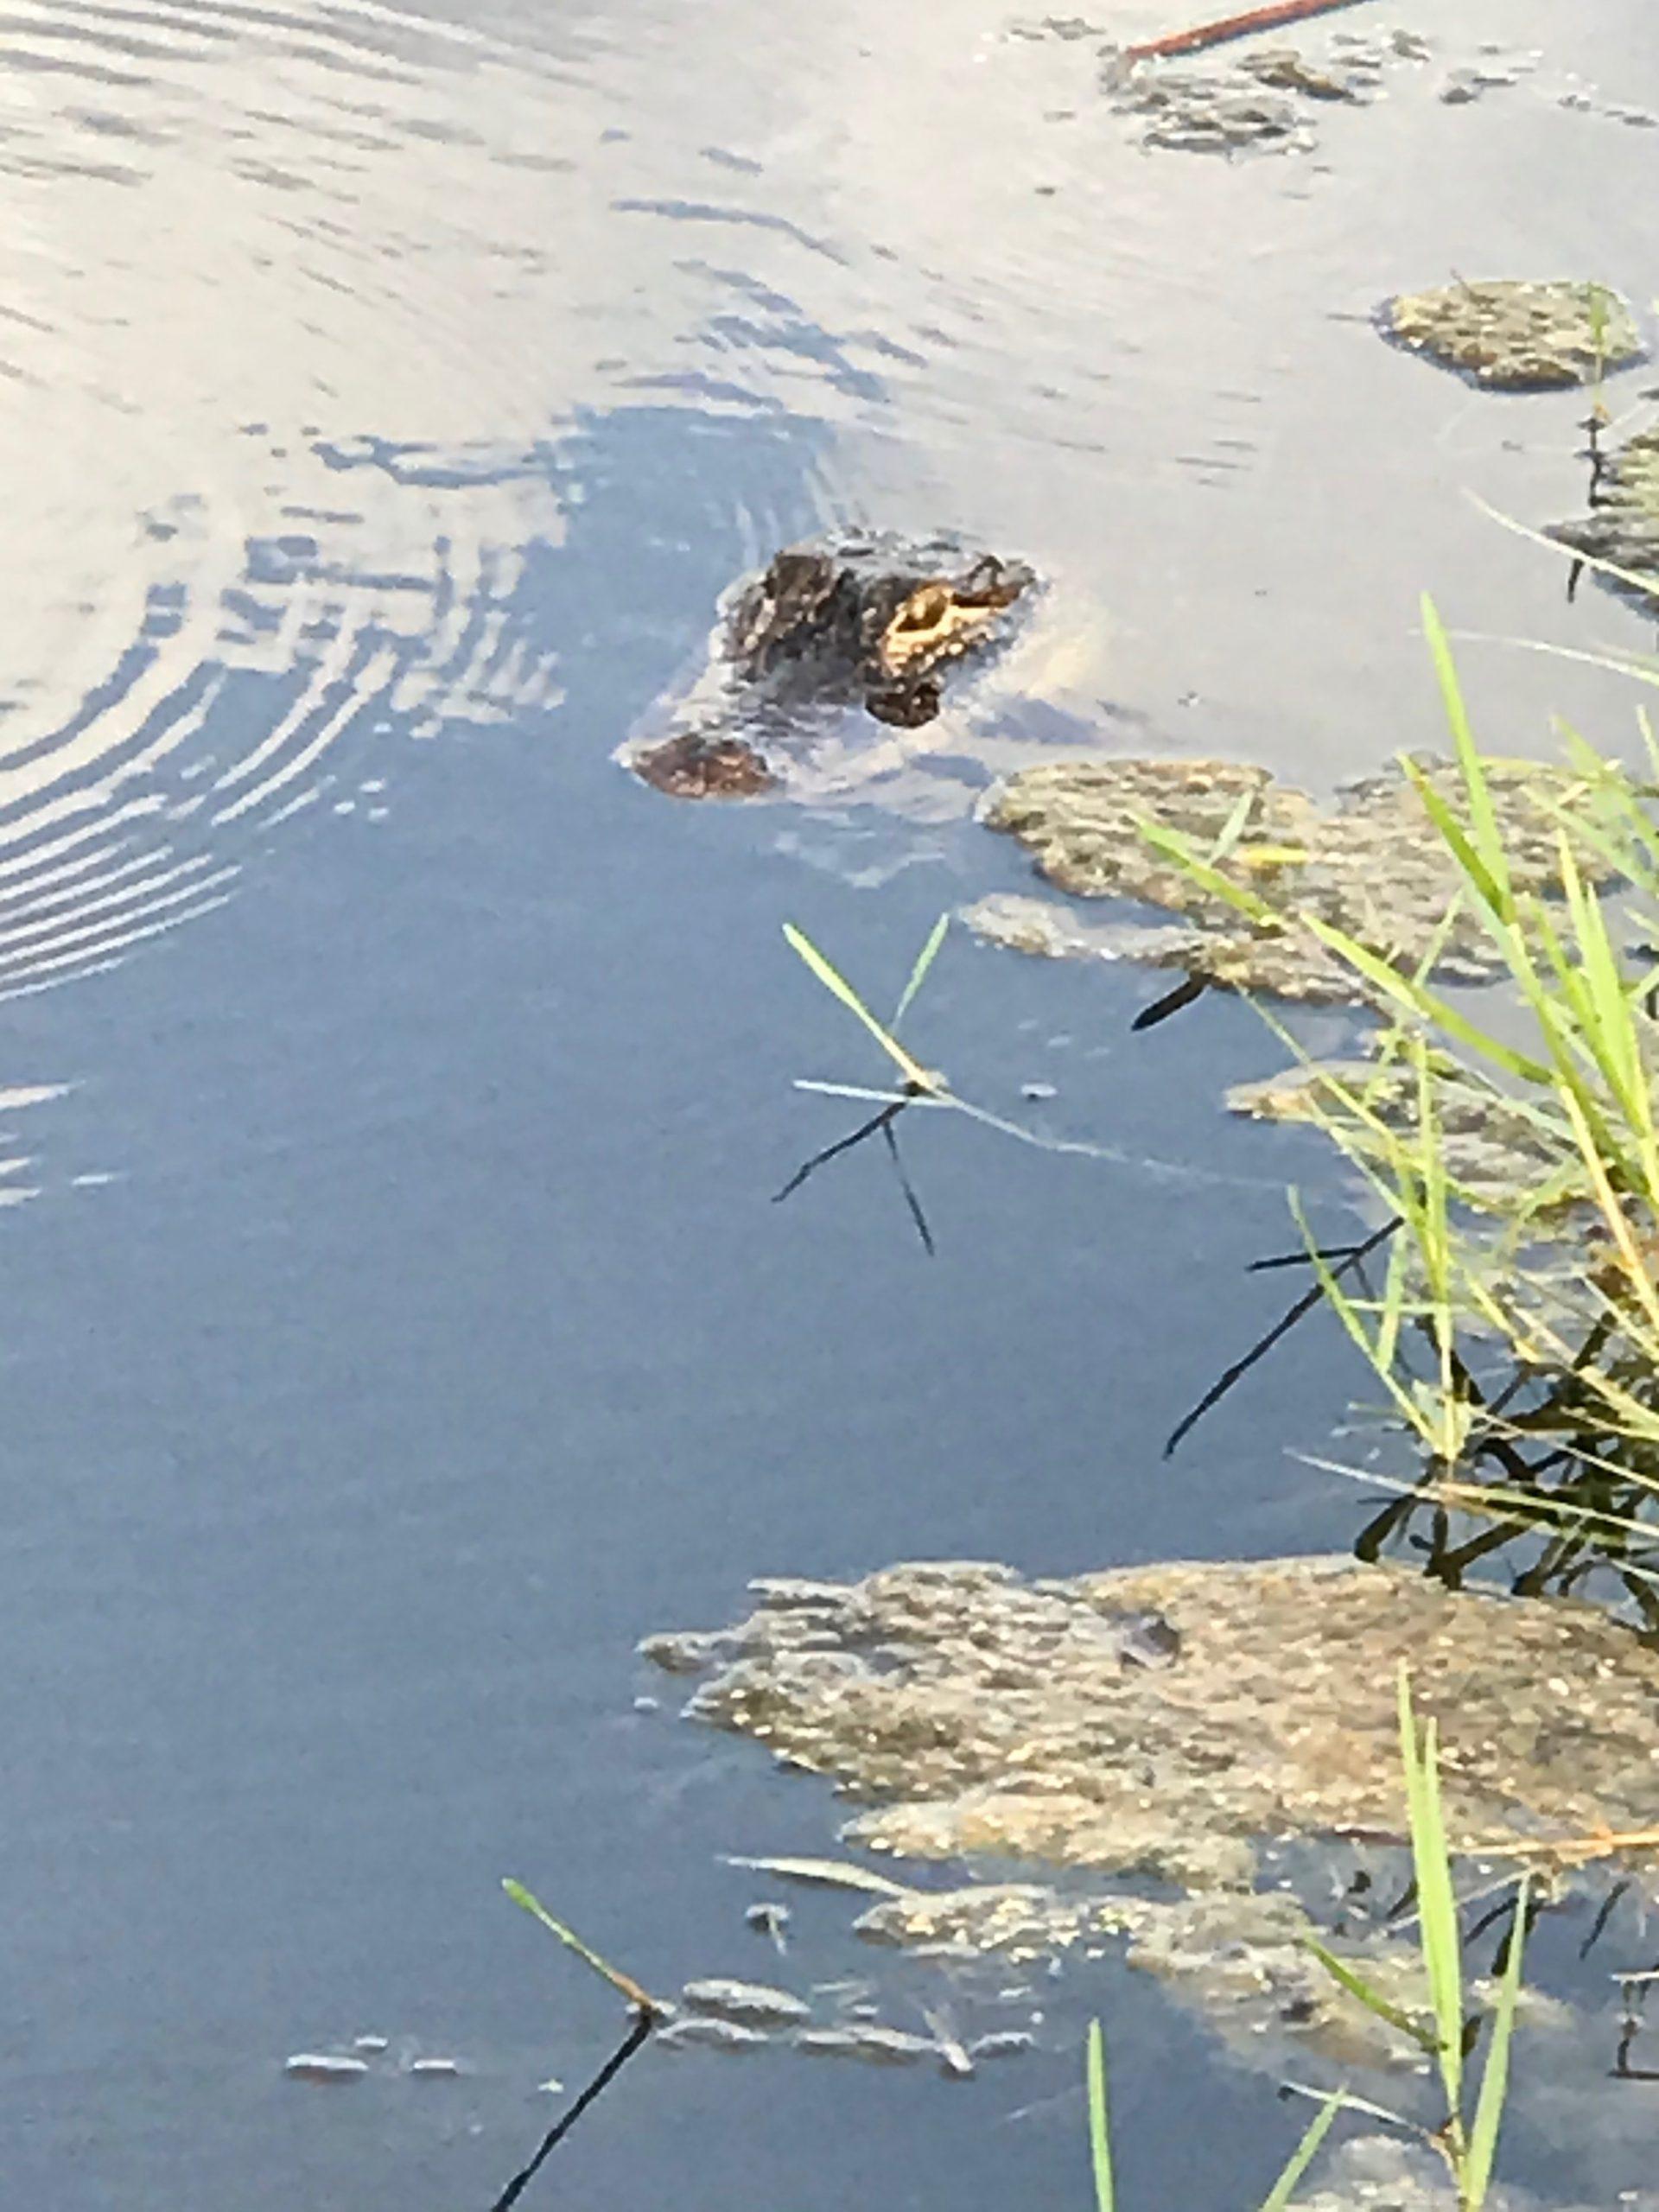 Placido Bayou's Newest Neighbor: A Gator!